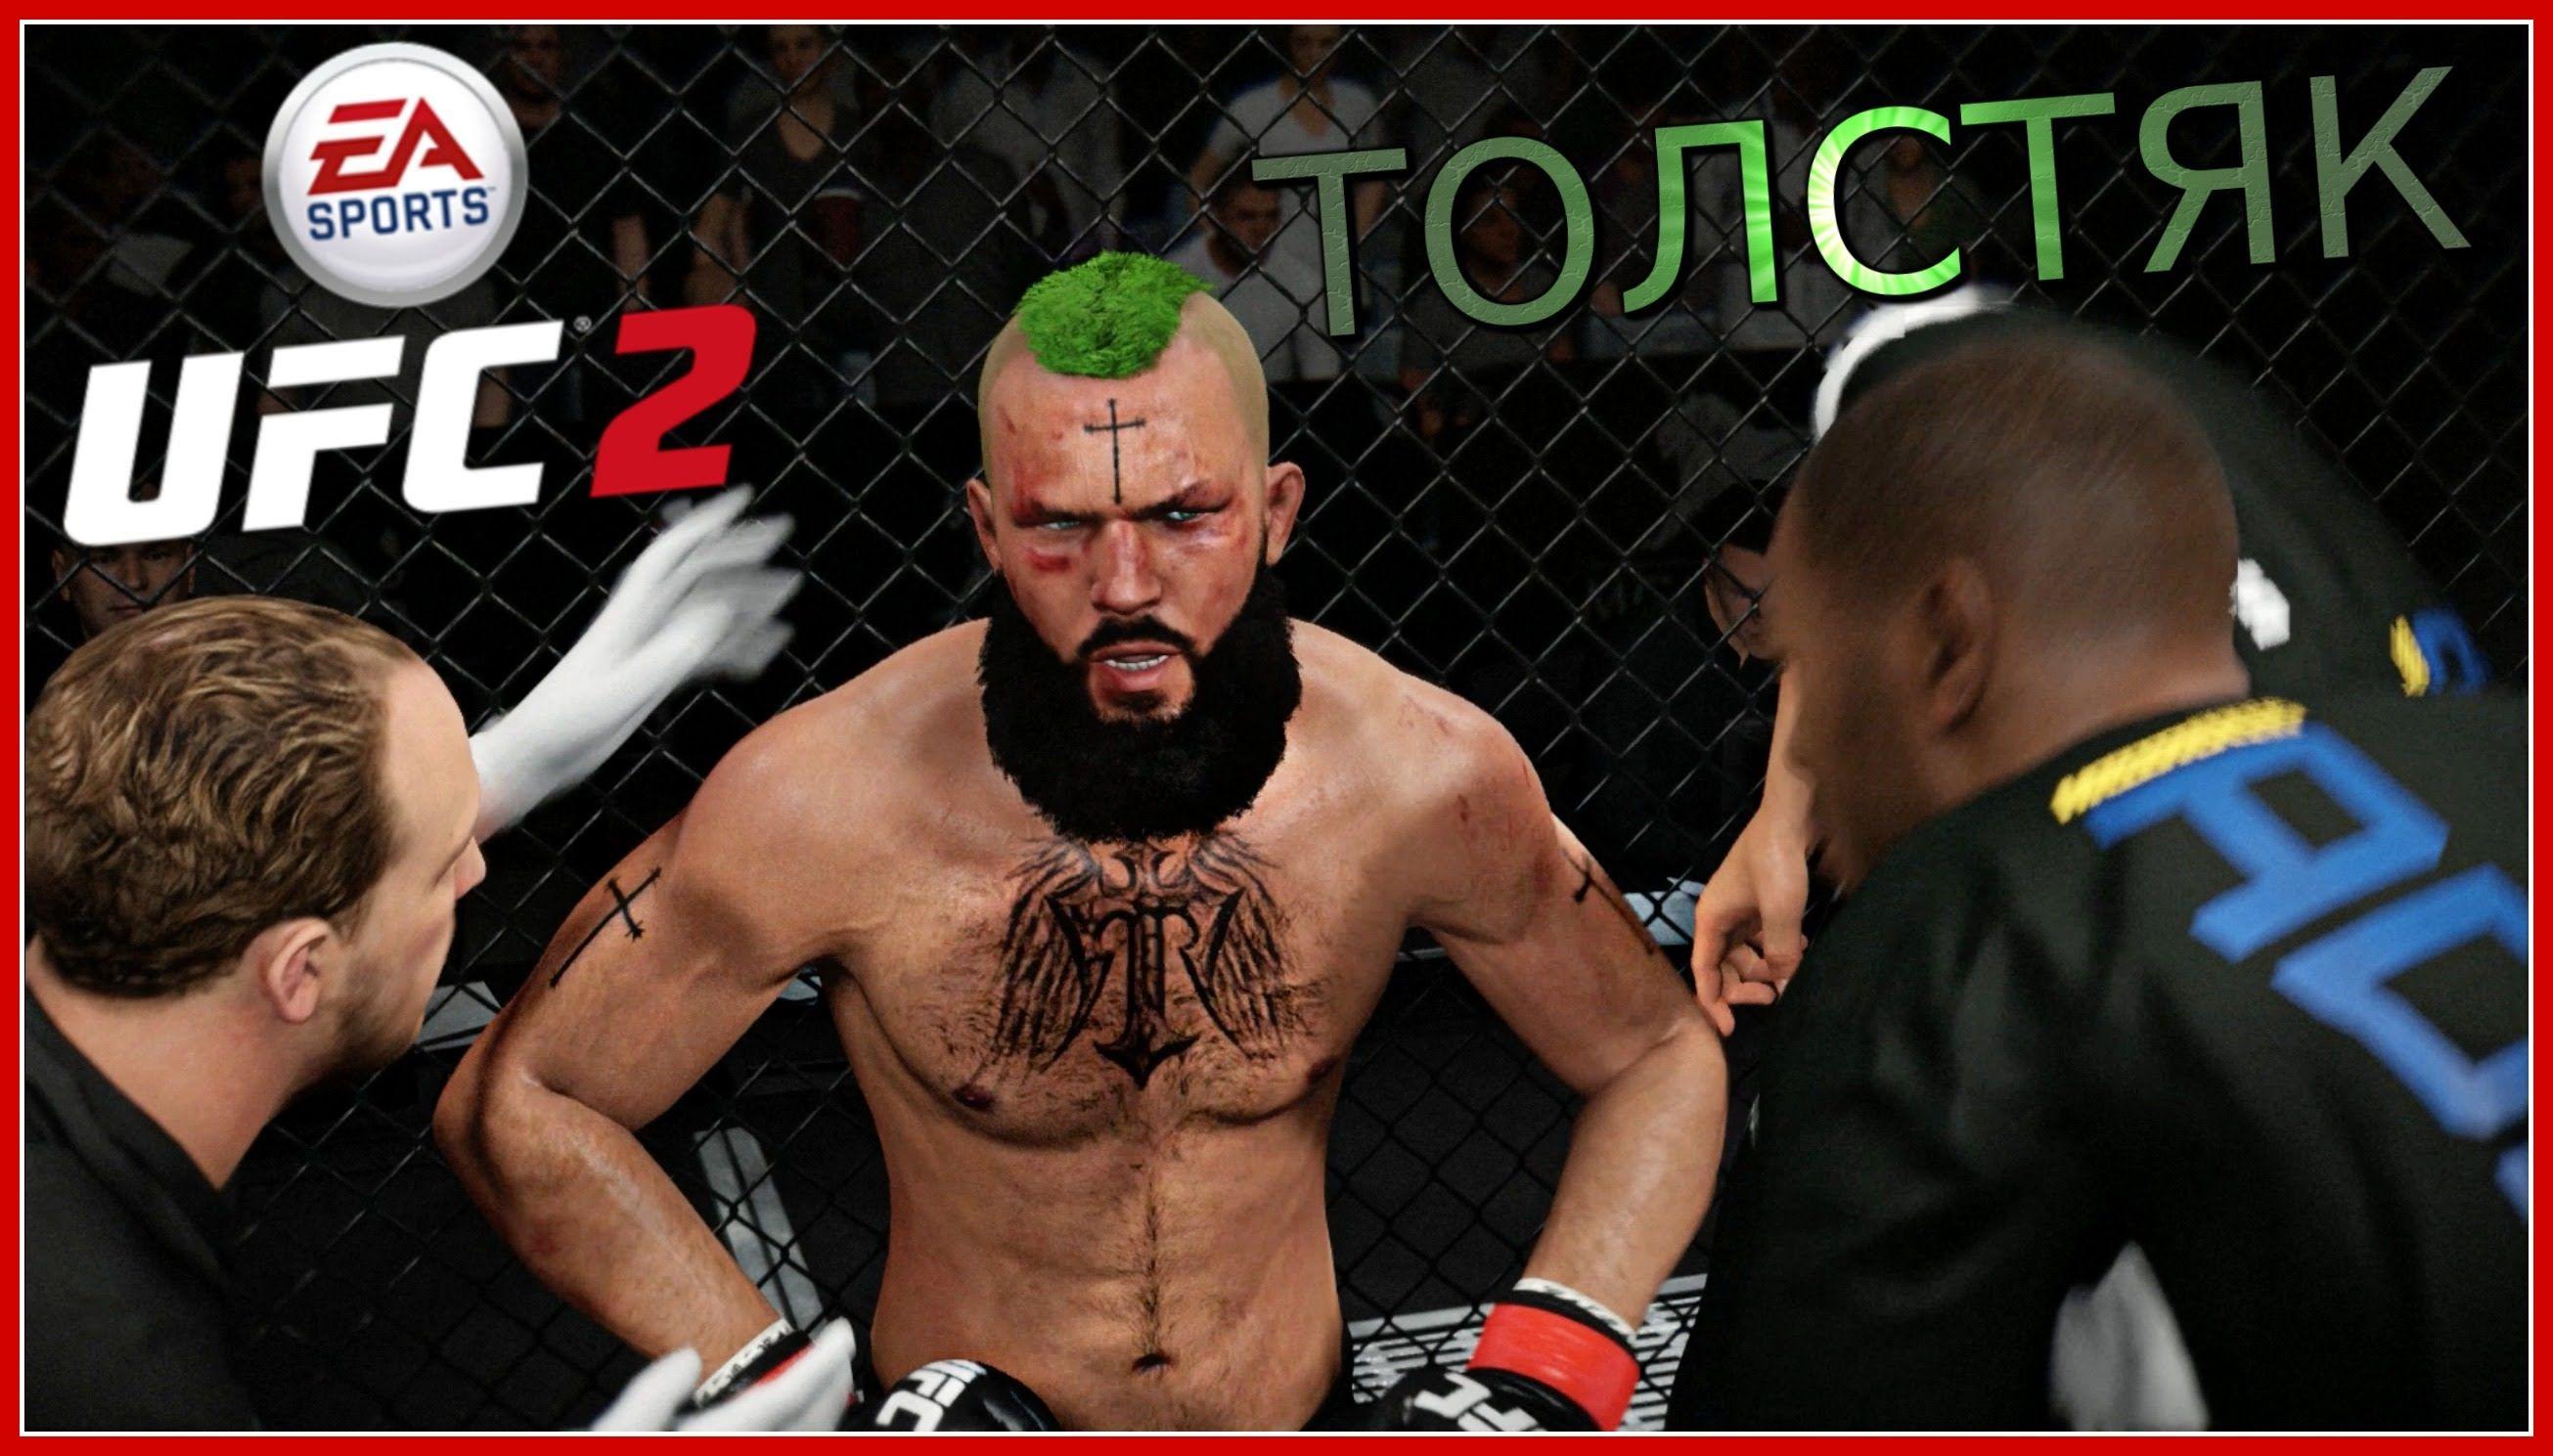 EA SPORTS UFC 2 Career Mode Gameplay ПЕРВЫЙ БОЙ ТОЛСТЯК